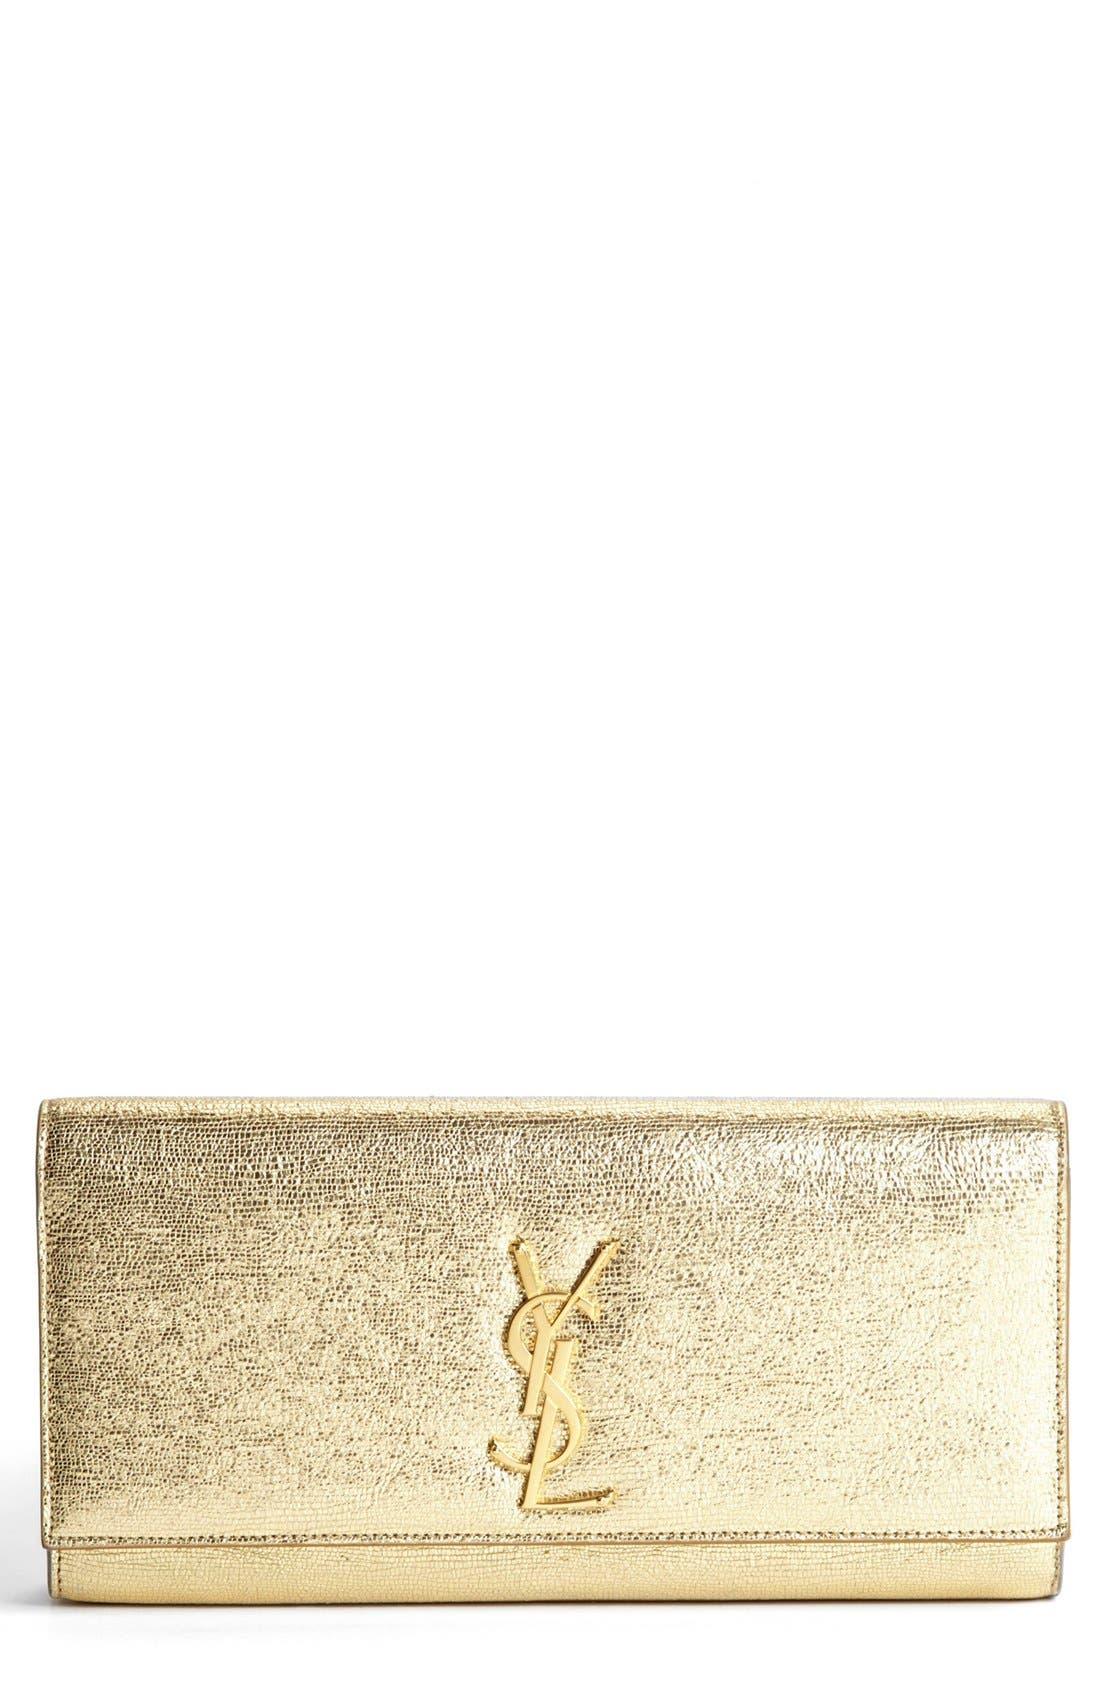 Main Image - Saint Laurent 'Cassandre - Metallique' Clutch